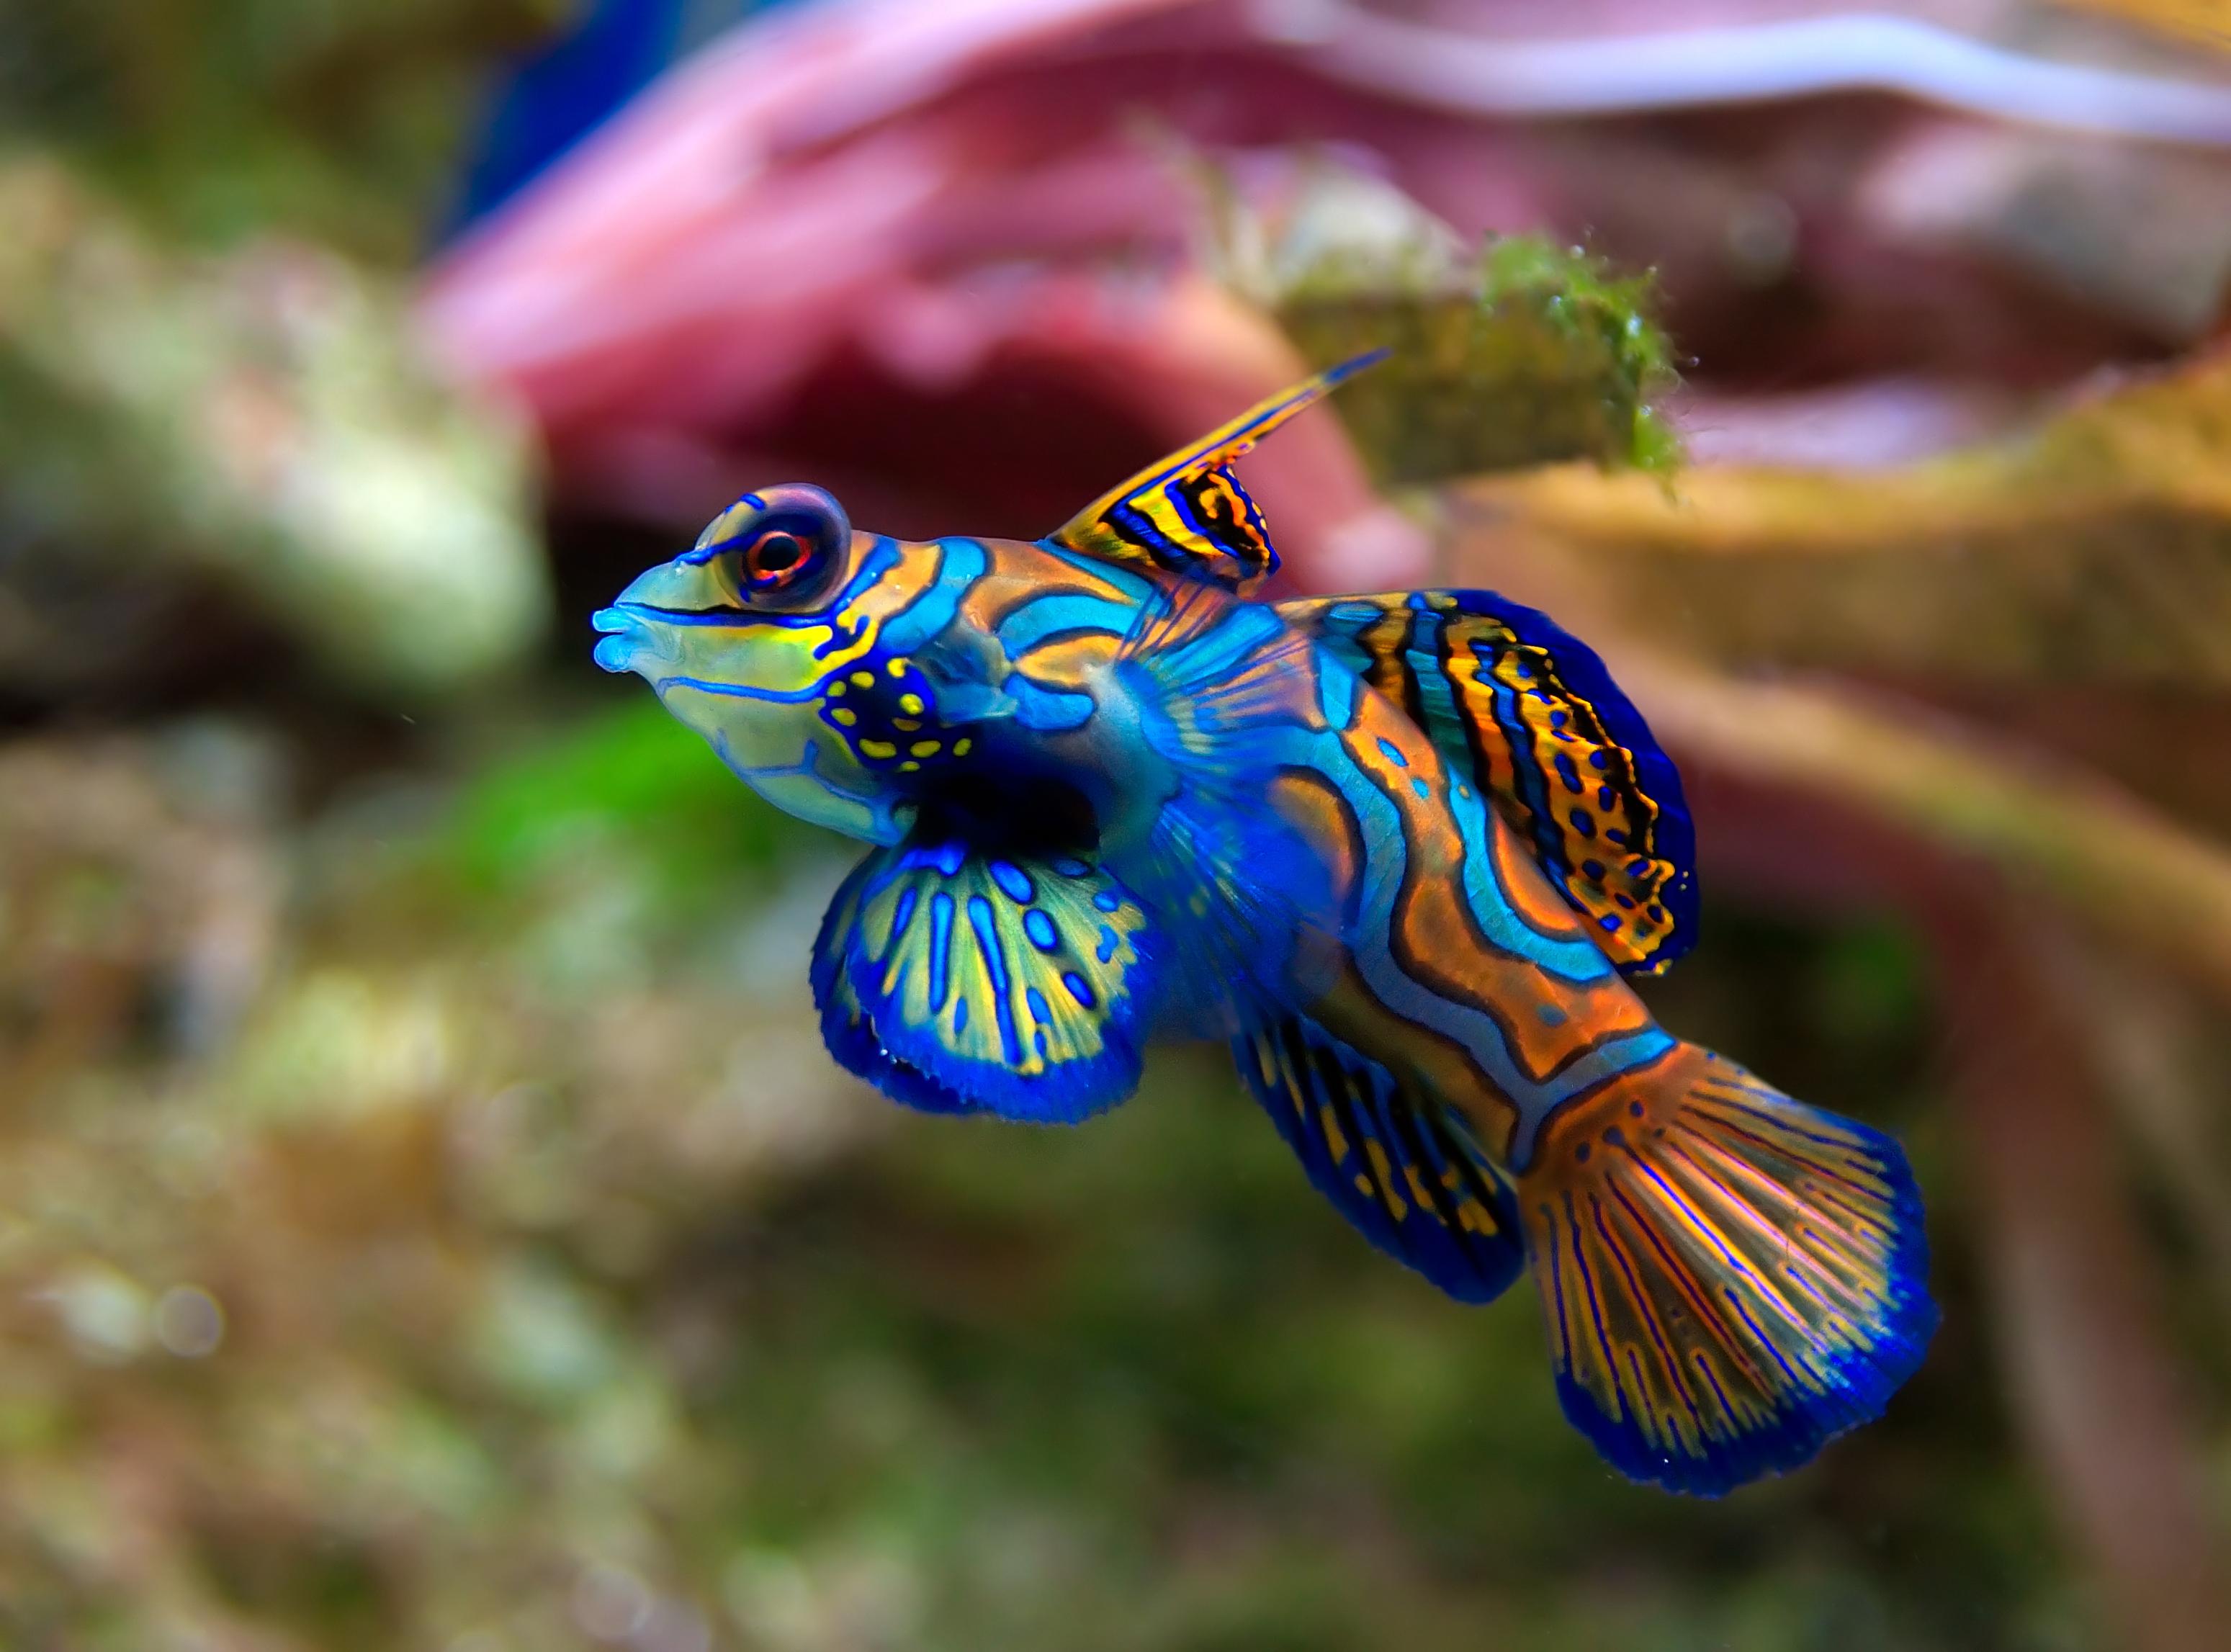 Fish aquarium wiki - Synchiropus Splendidus 2 Luc Viatour Jpg